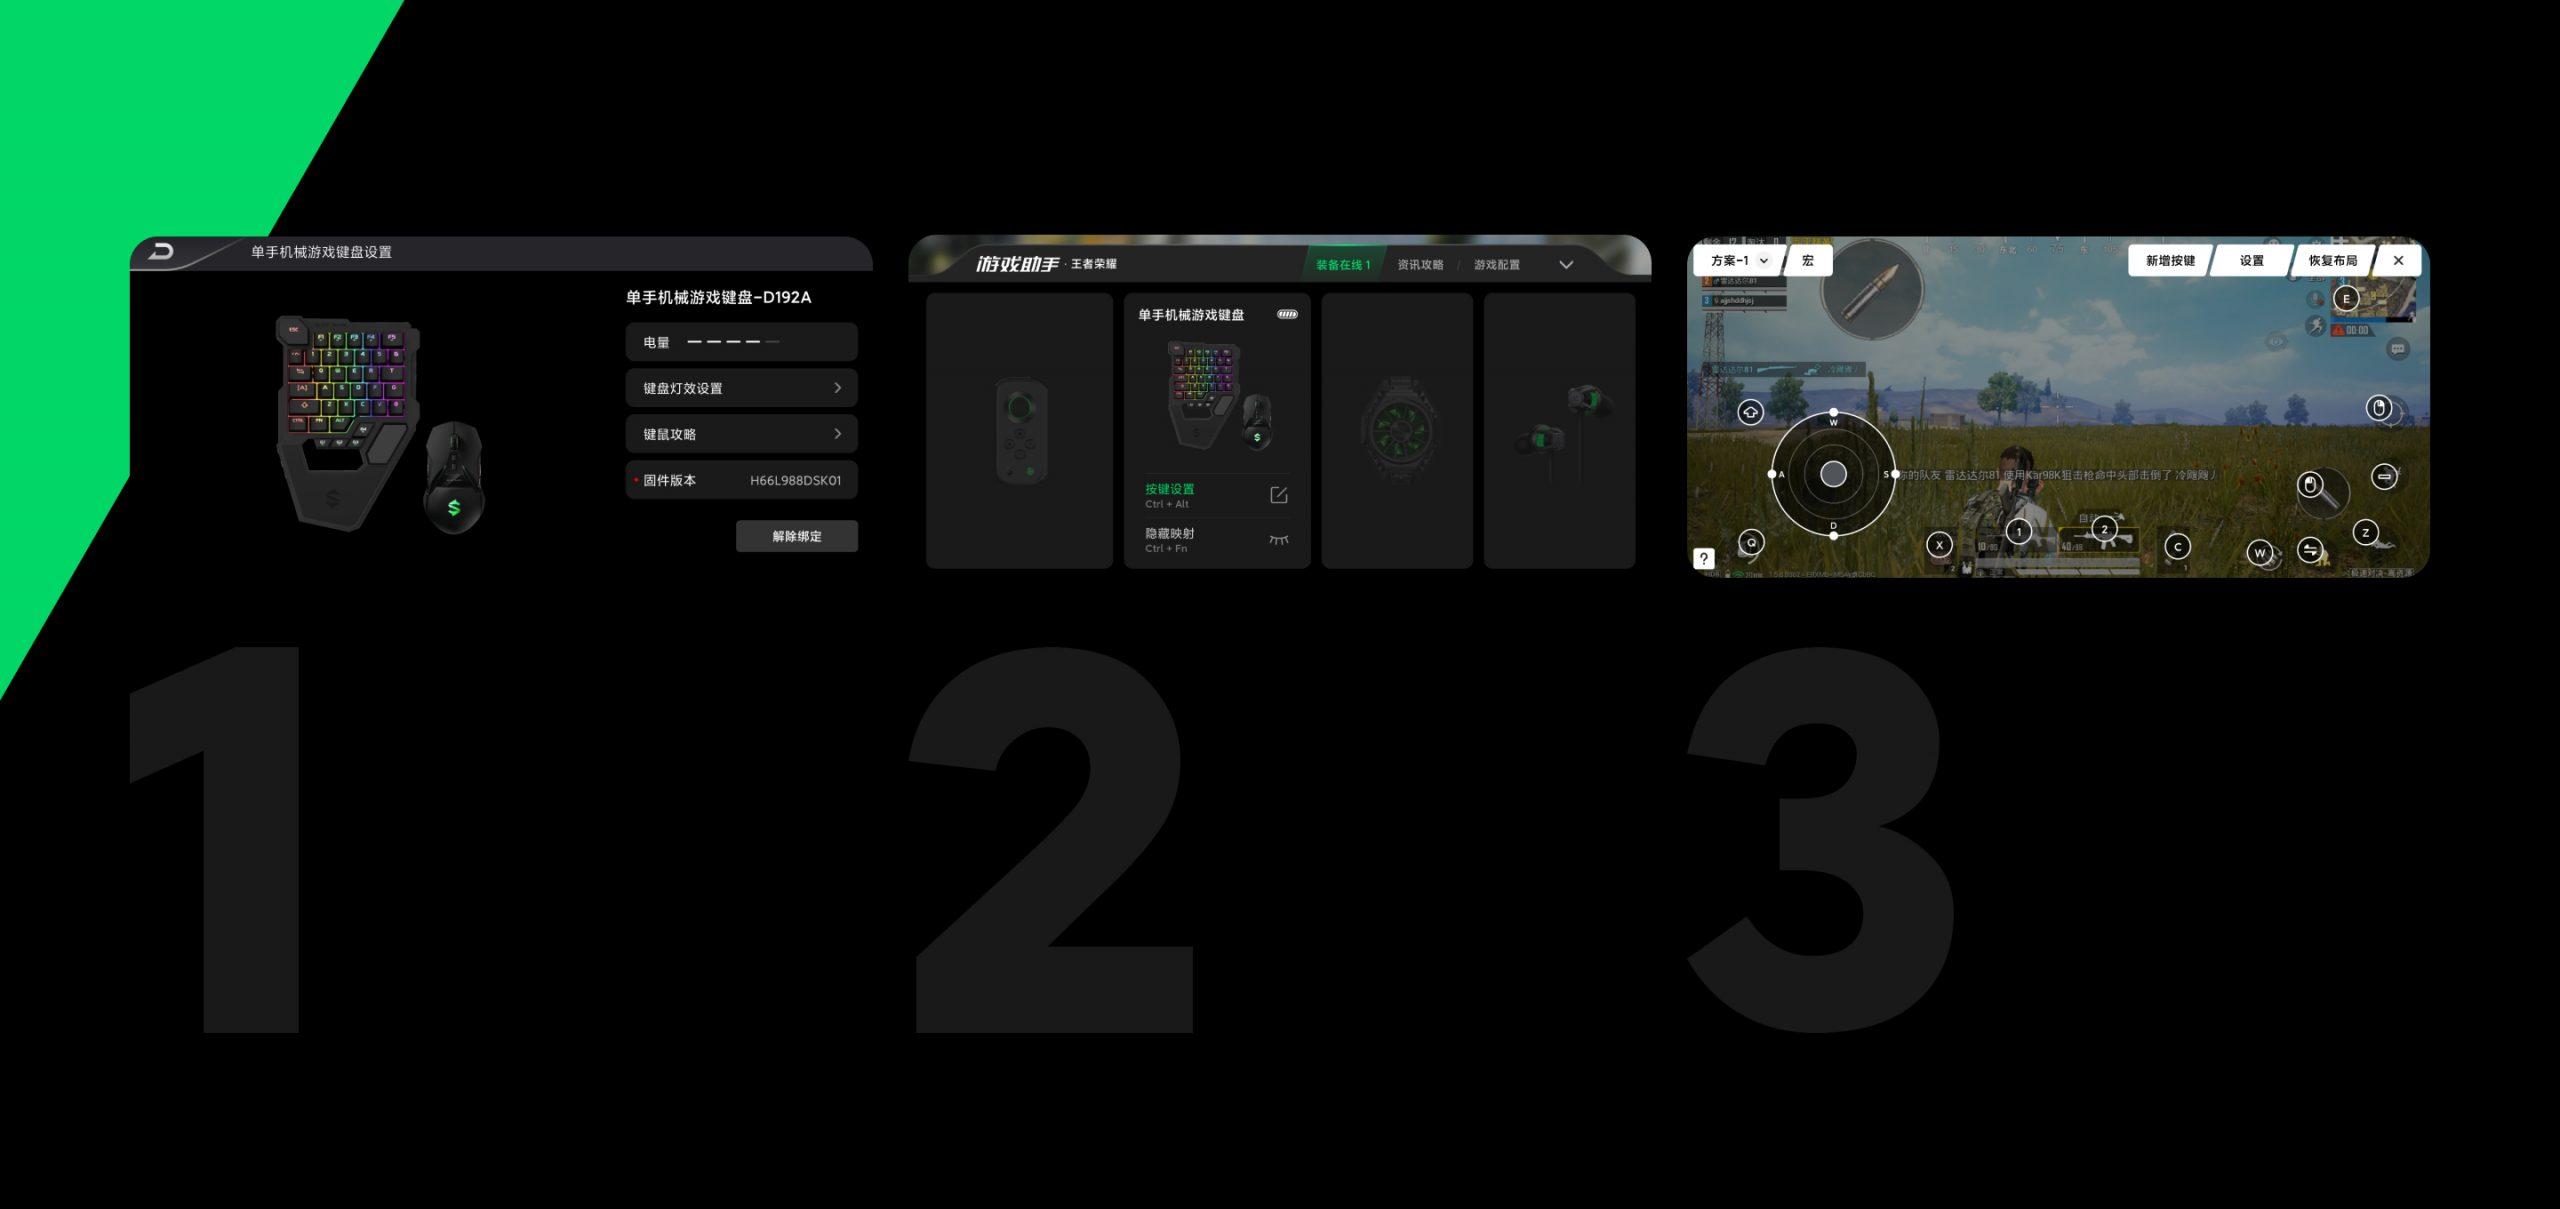 Nuevos teclado y ratón para smartphones de Black Shark. Noticias Xiaomi Adictos